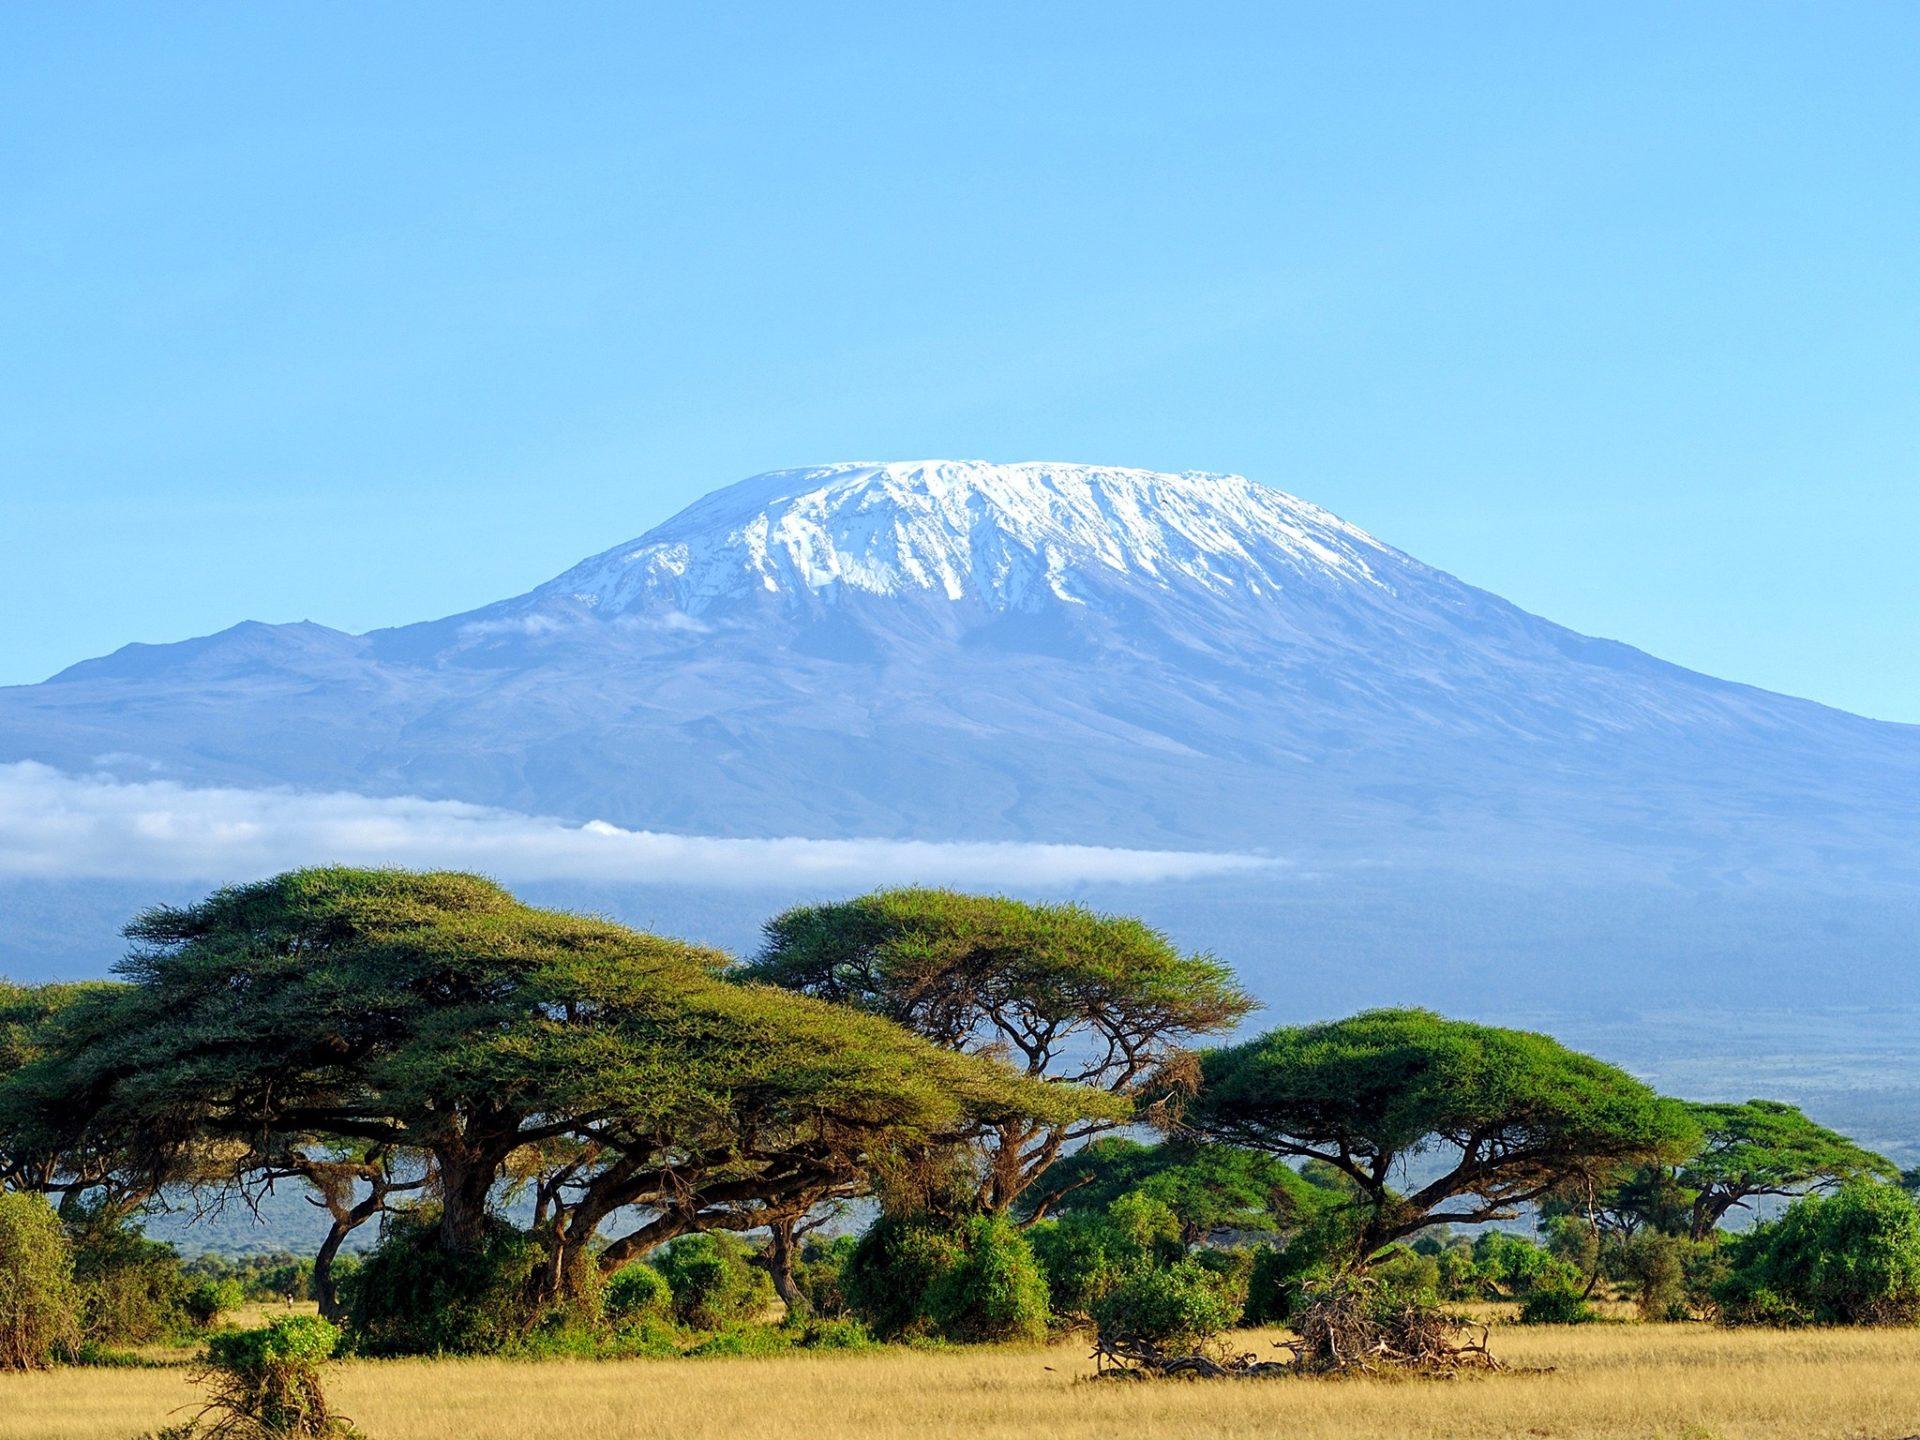 7. Гора Килиманджаро, Танзания.